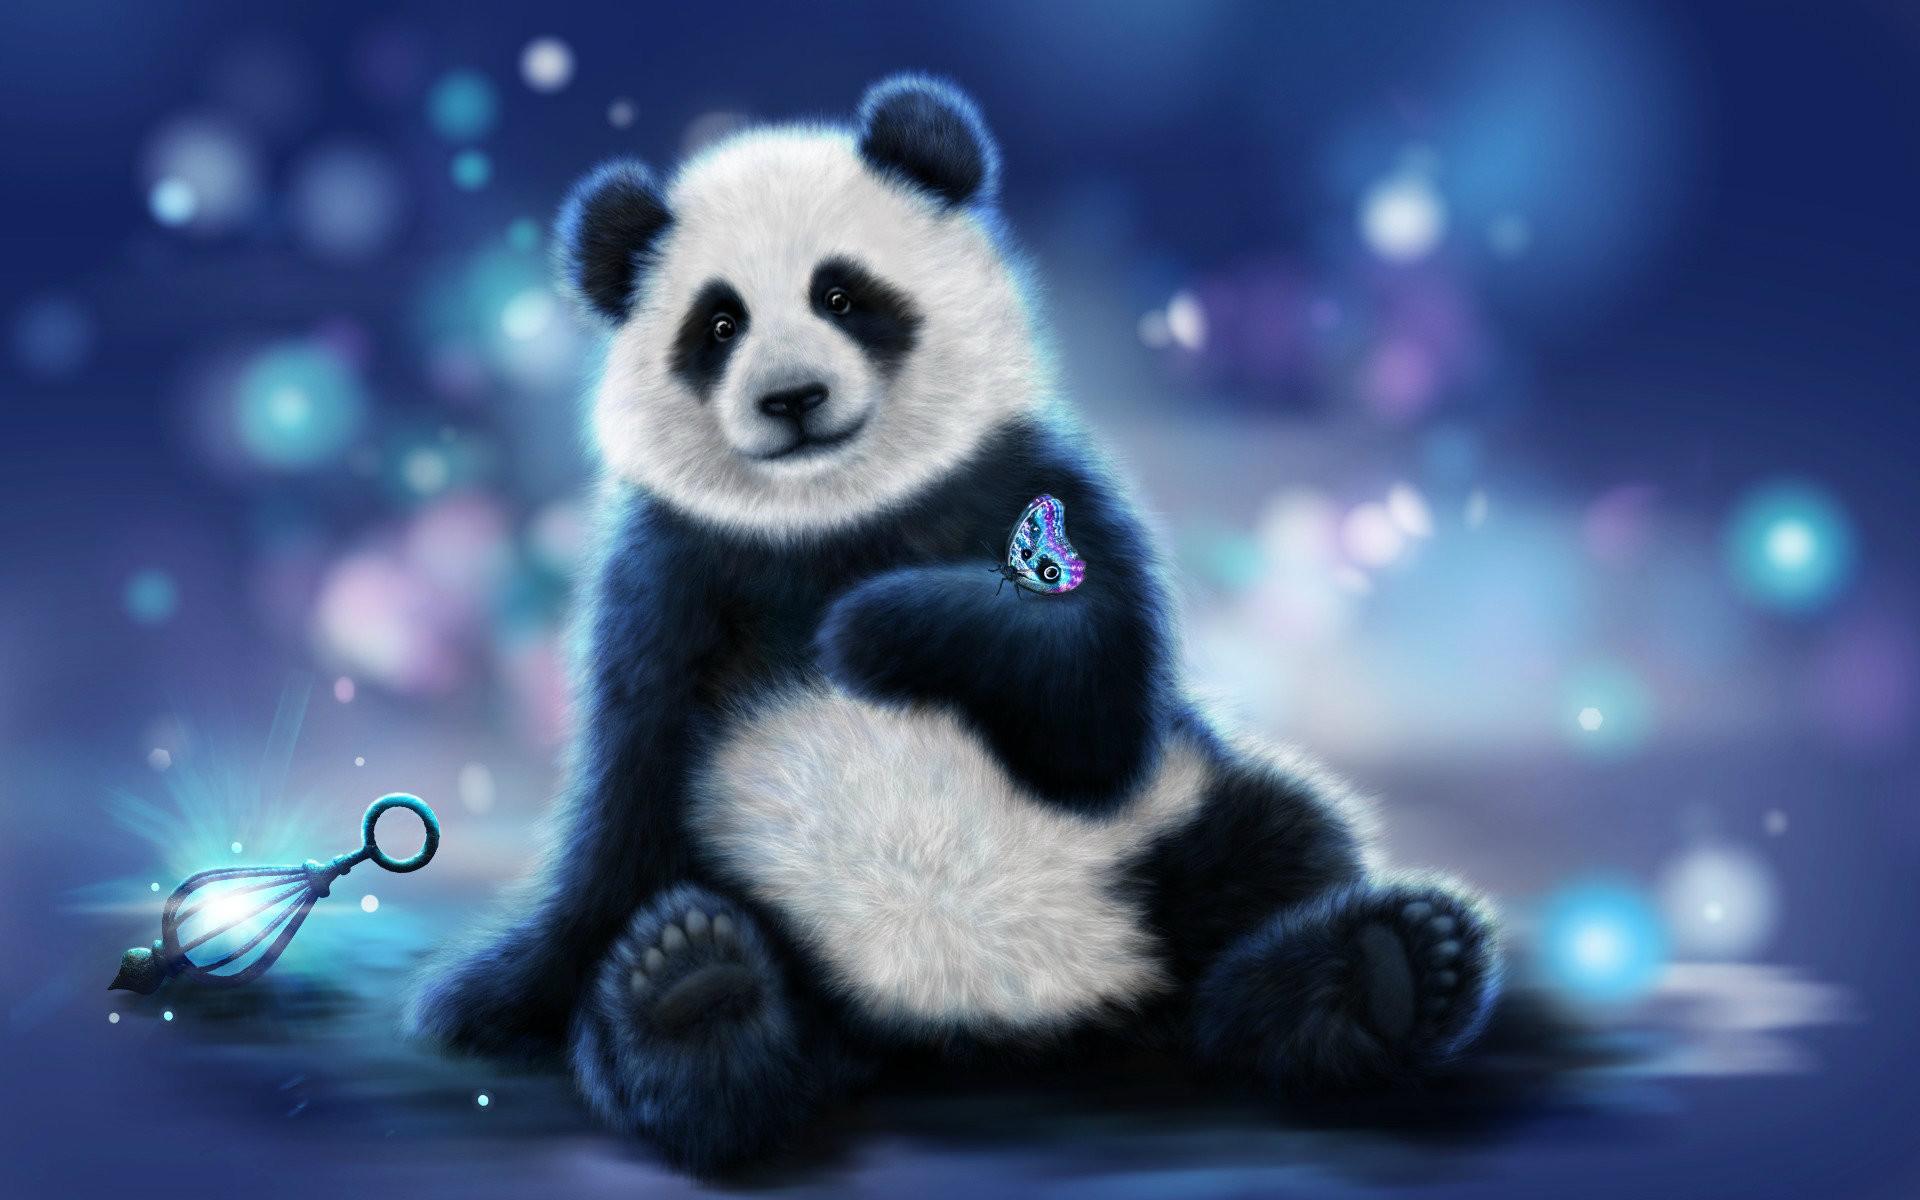 Res: 1920x1200, 3D & abstract Panda image Wallpaper